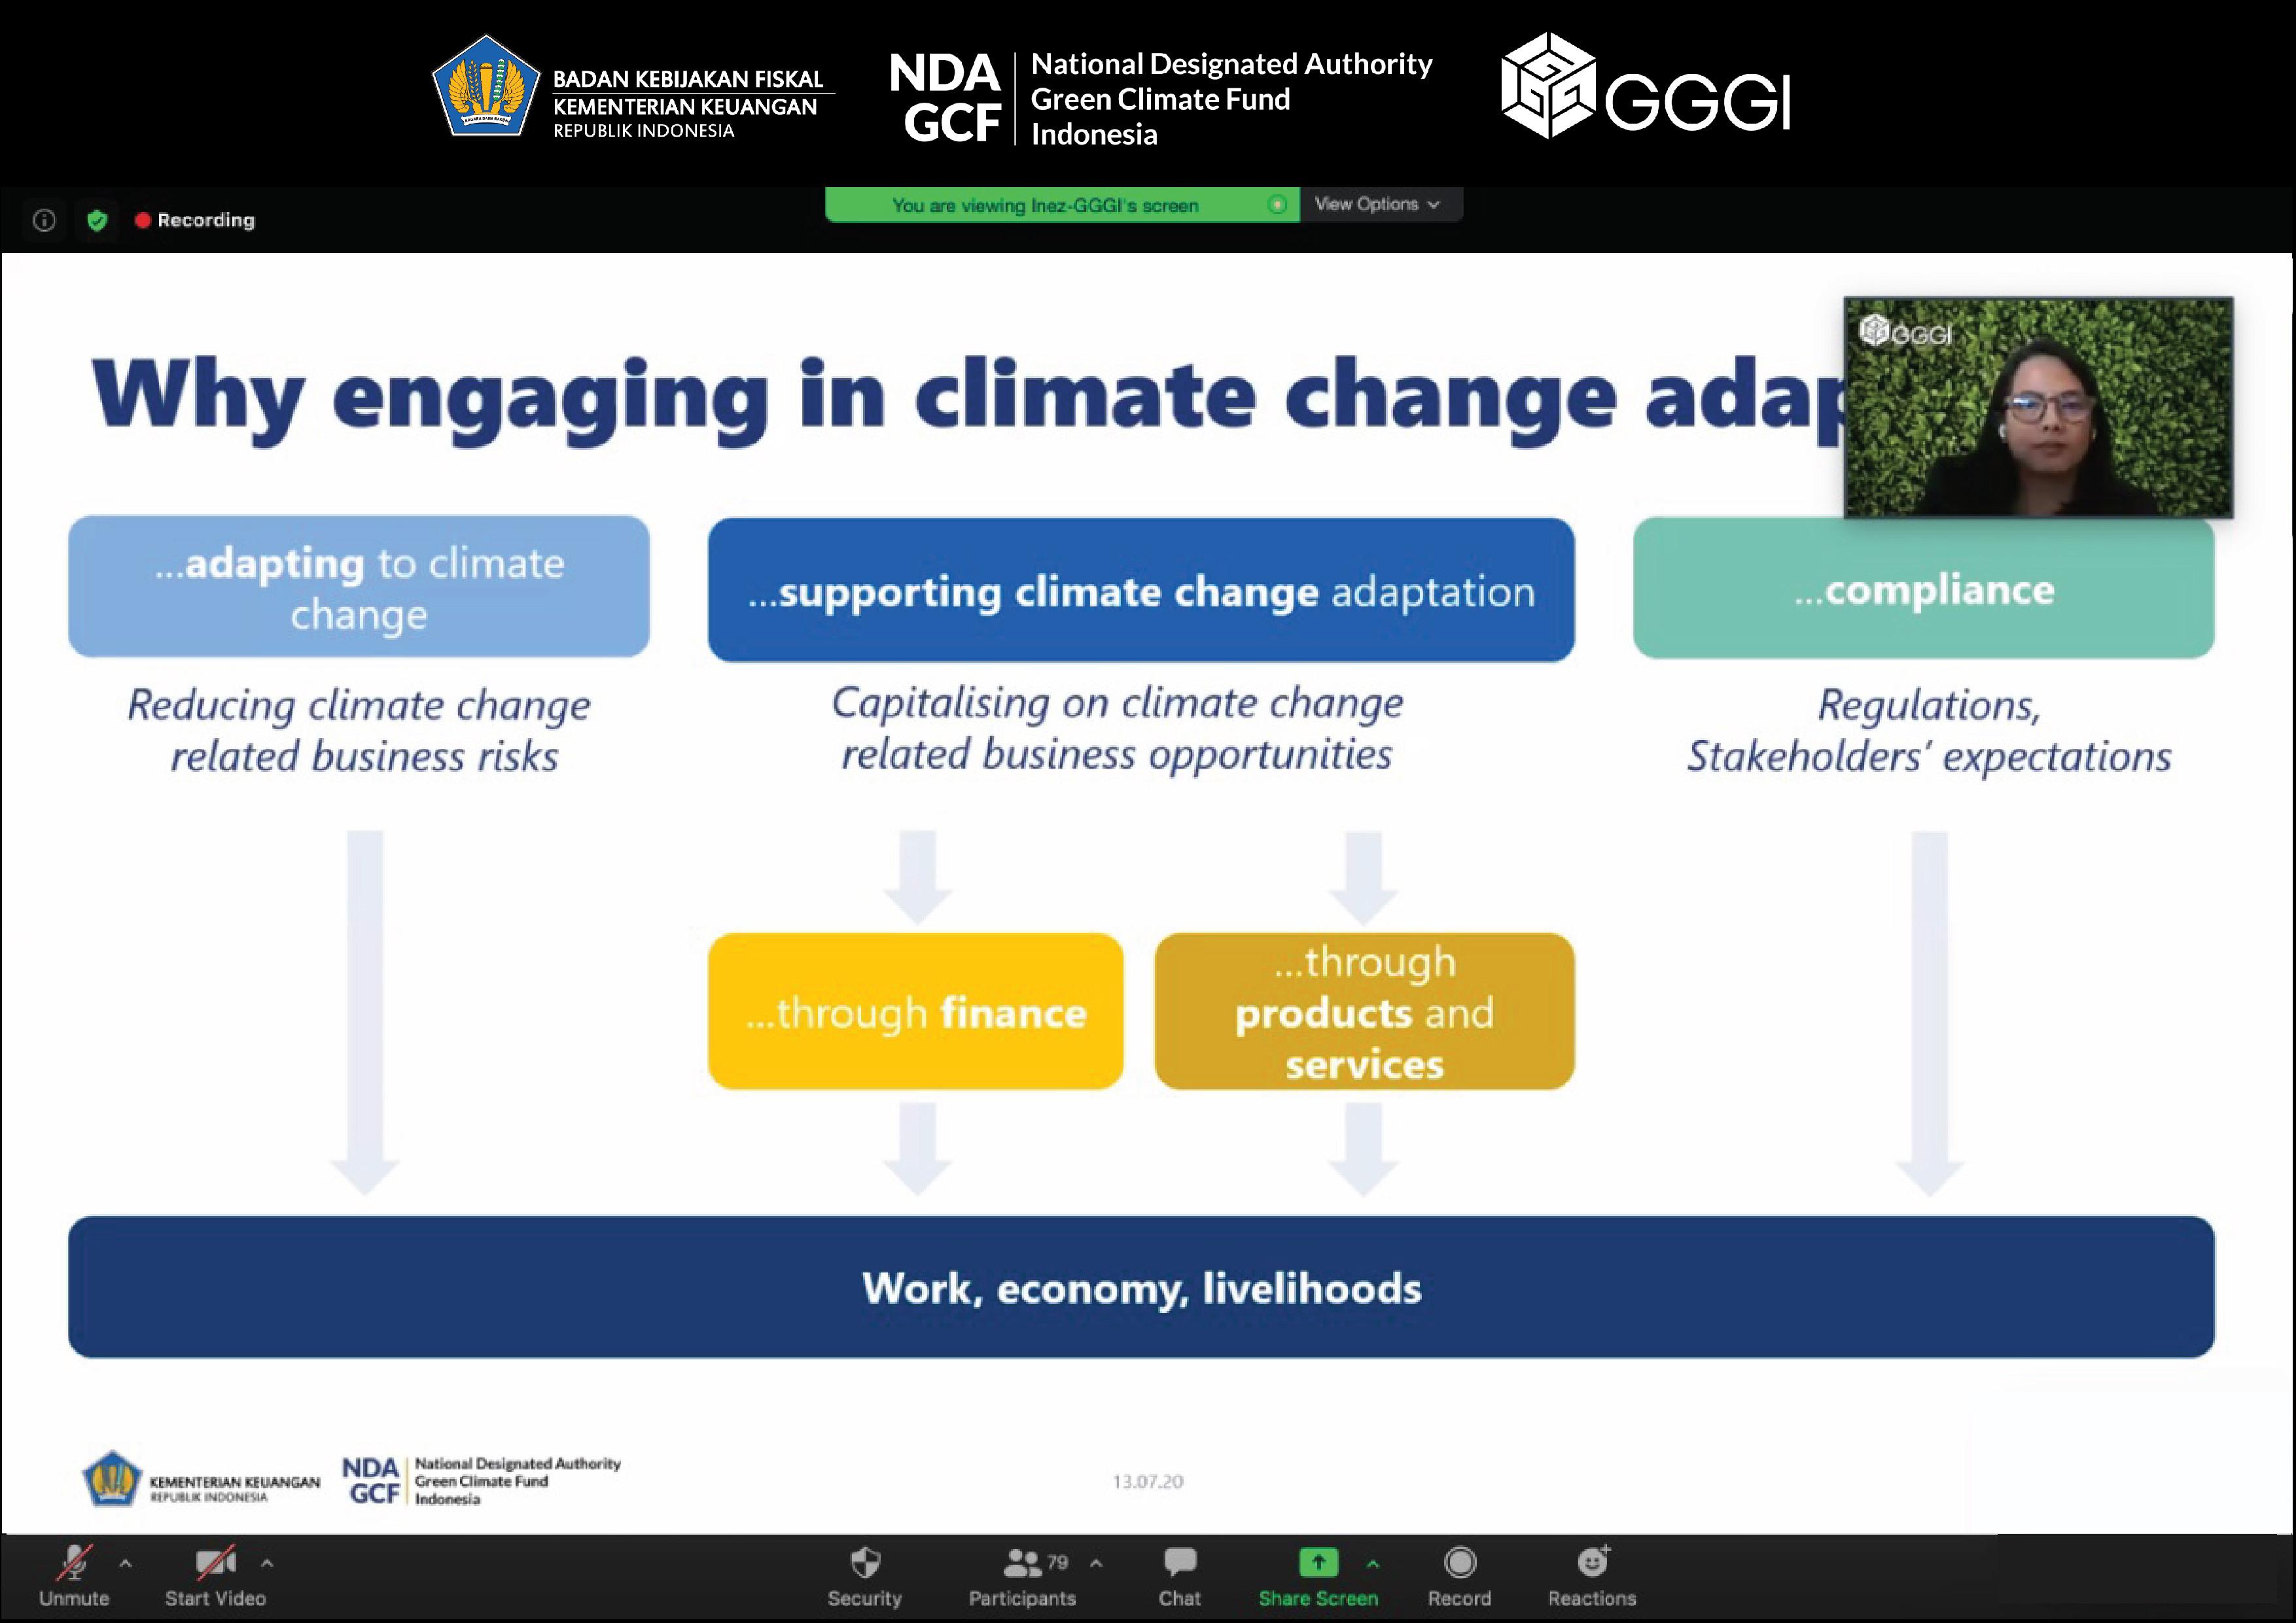 Mendorong Keterlibatan Sektor Swasta dalam Upaya Adaptasi Perubahan Iklim Indonesia